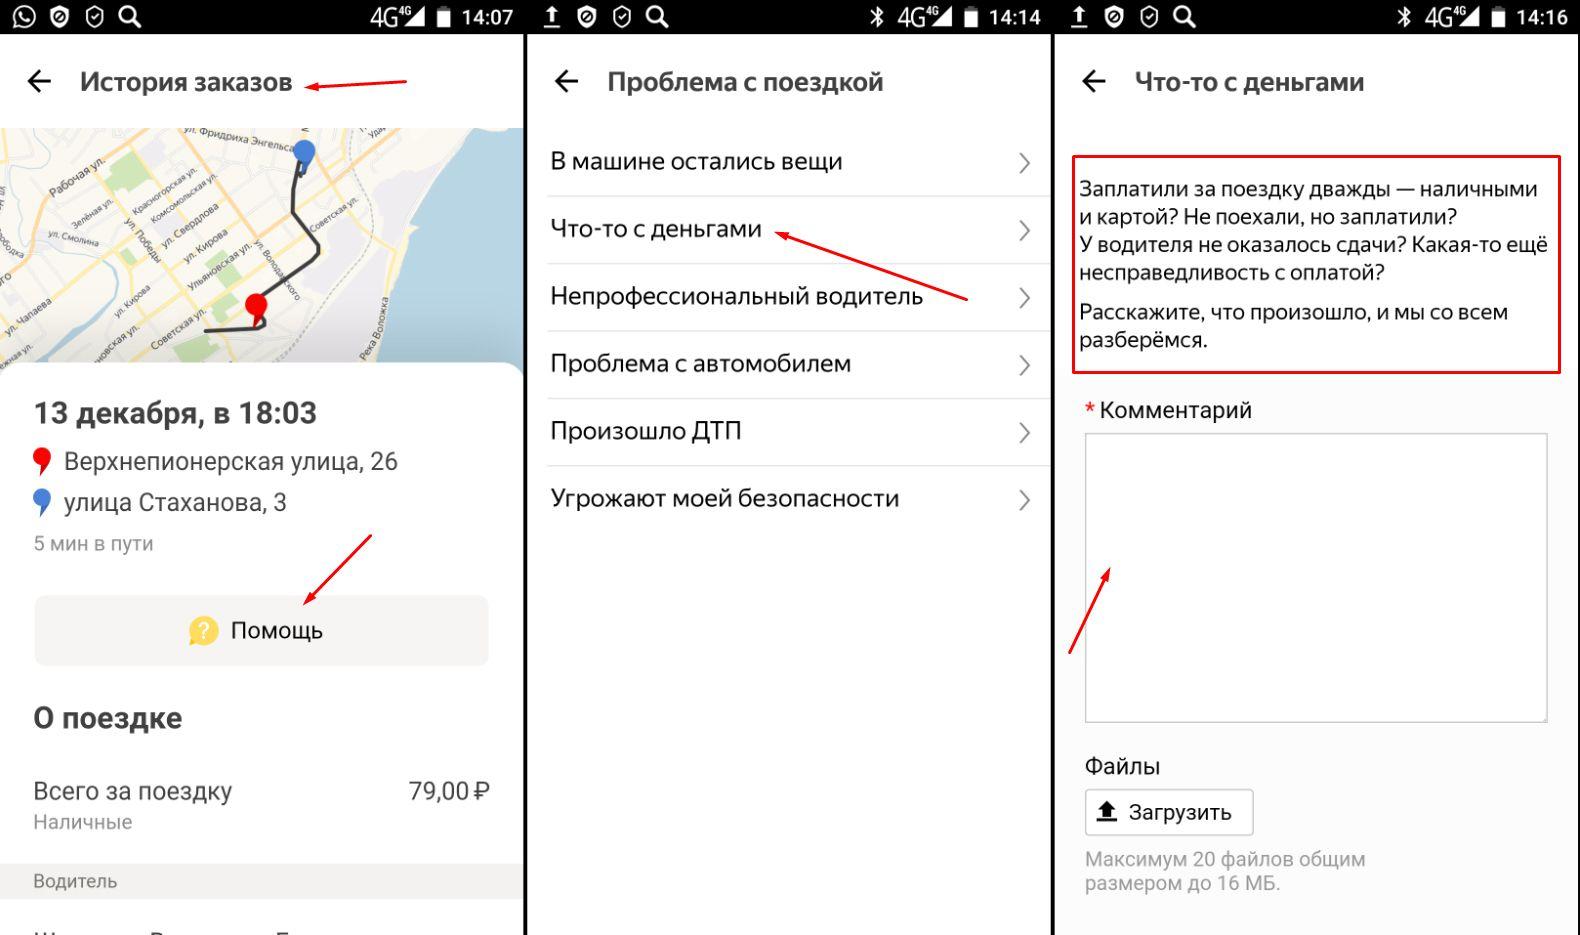 Когда у водителя нет квитанции, необходимо обратиться в службу поддержки Яндекс Такси